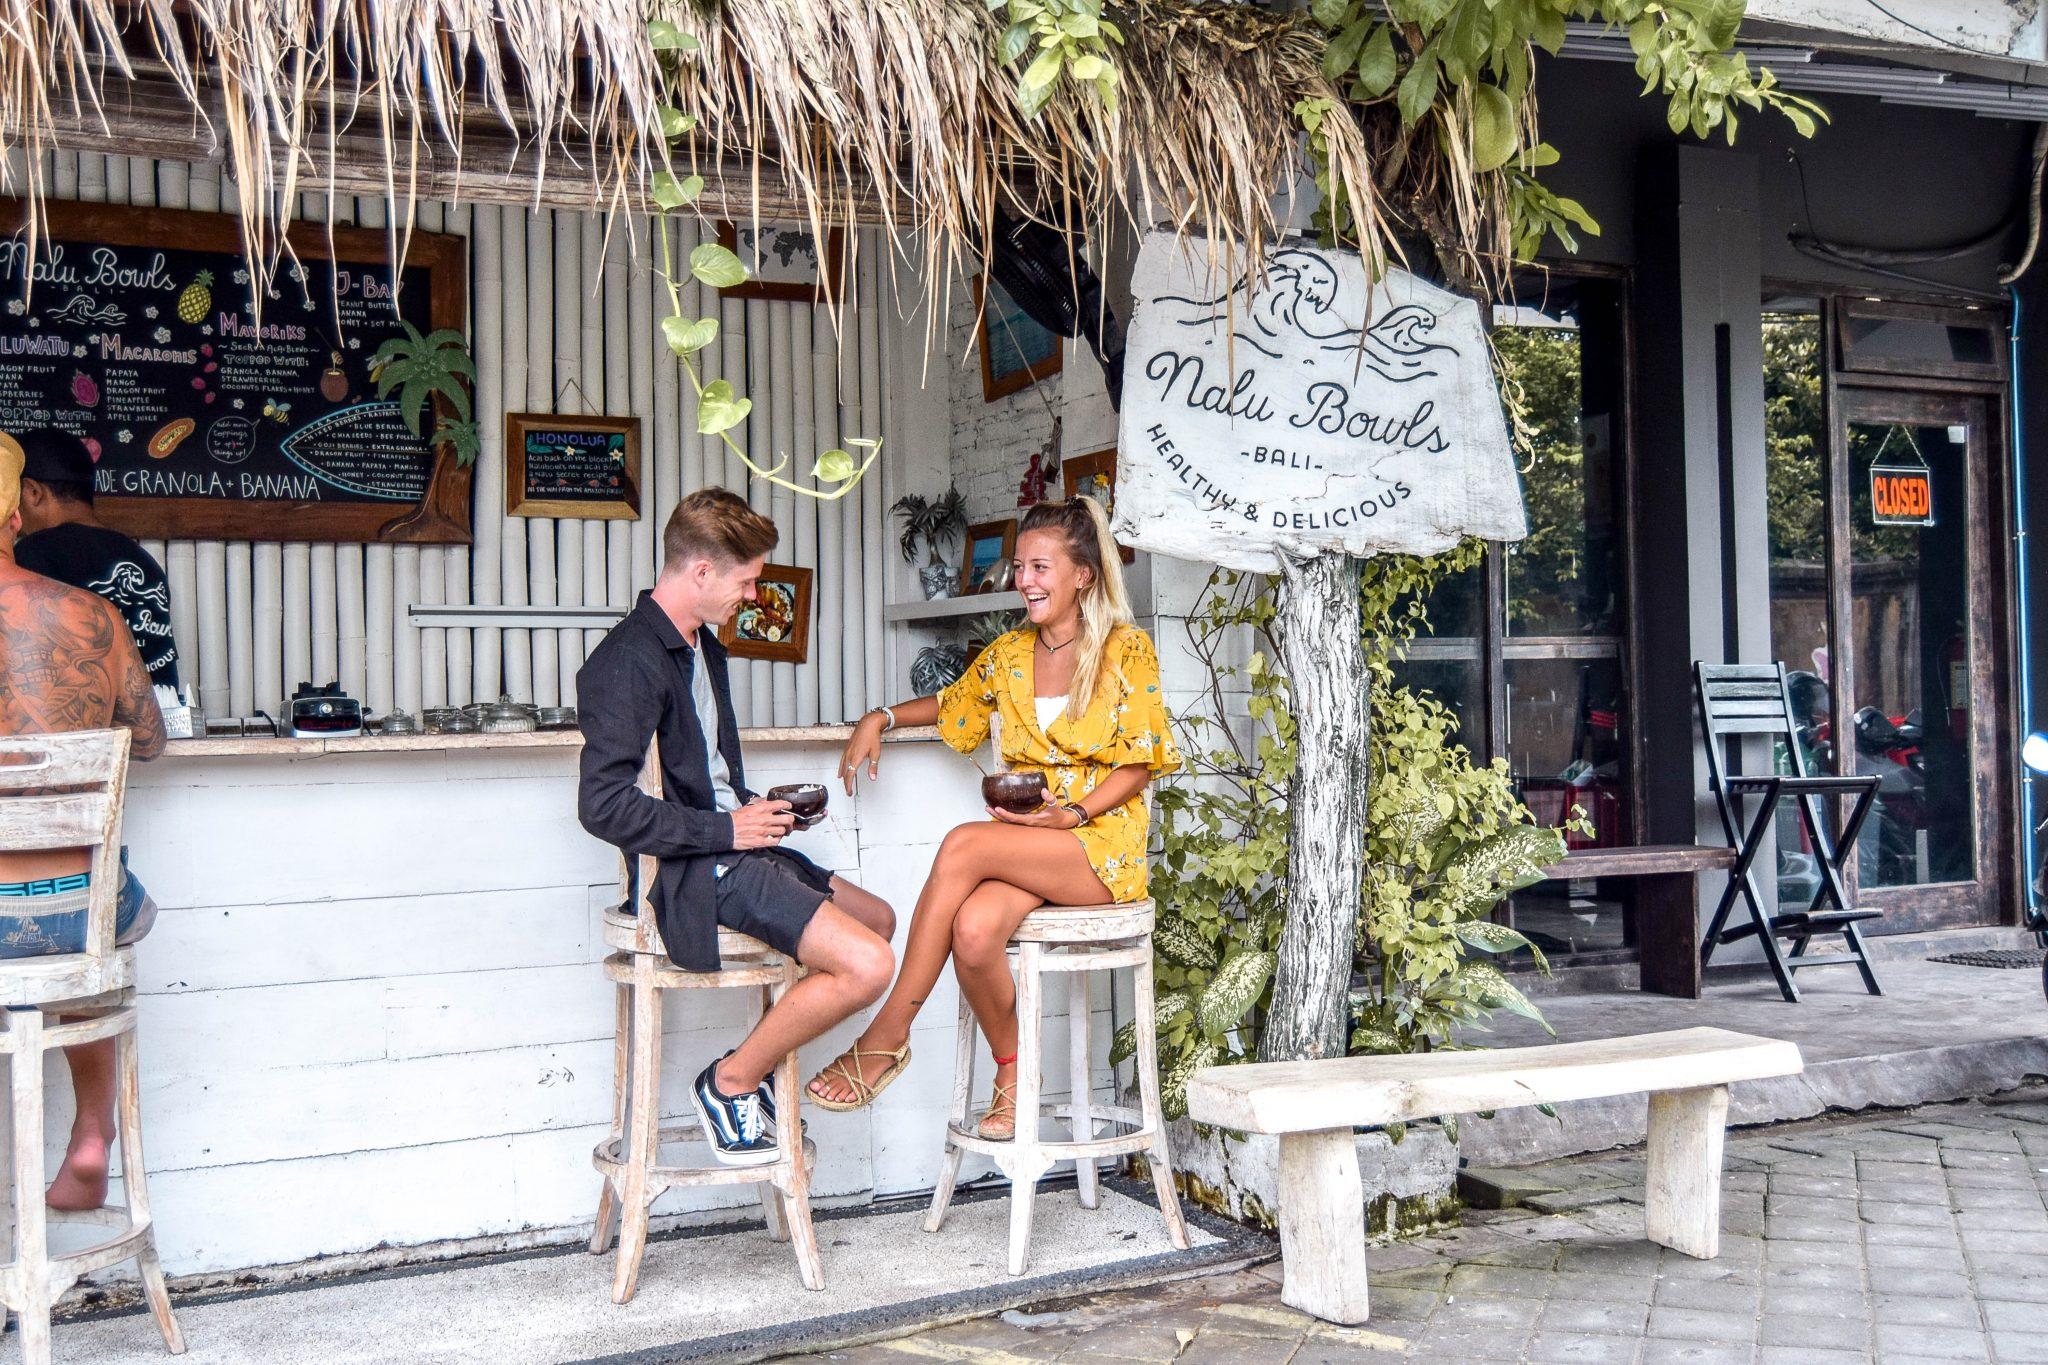 Wanderers & Warriors - Charlie & Lauren UK Travel Couple - Nalu Bowls Seminyak - Best Restaurants In Bali Restaurants - Best Restaurants In Seminyak